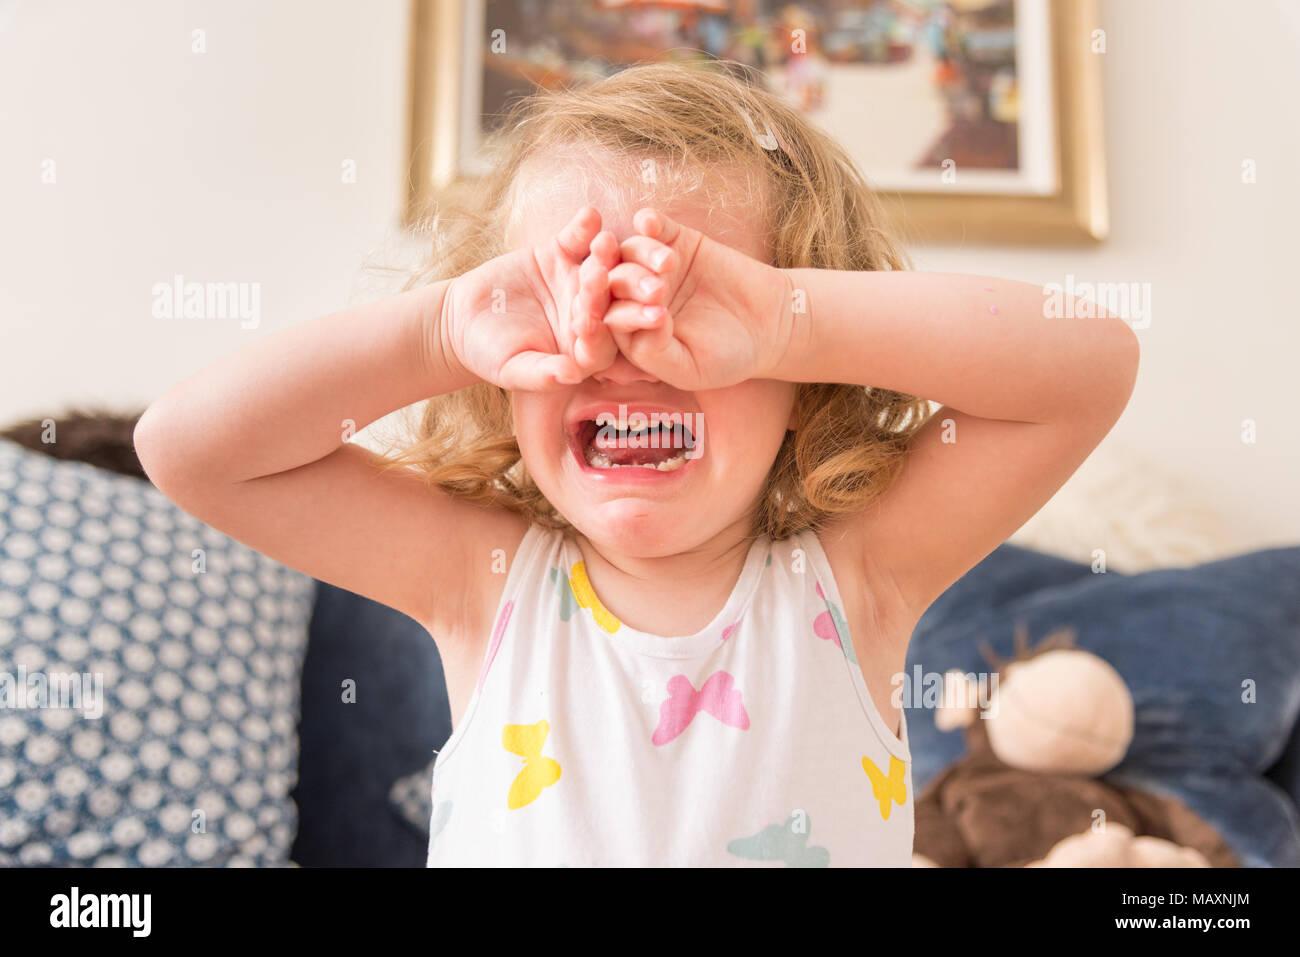 Three year old child upset and crying, UK - Stock Image